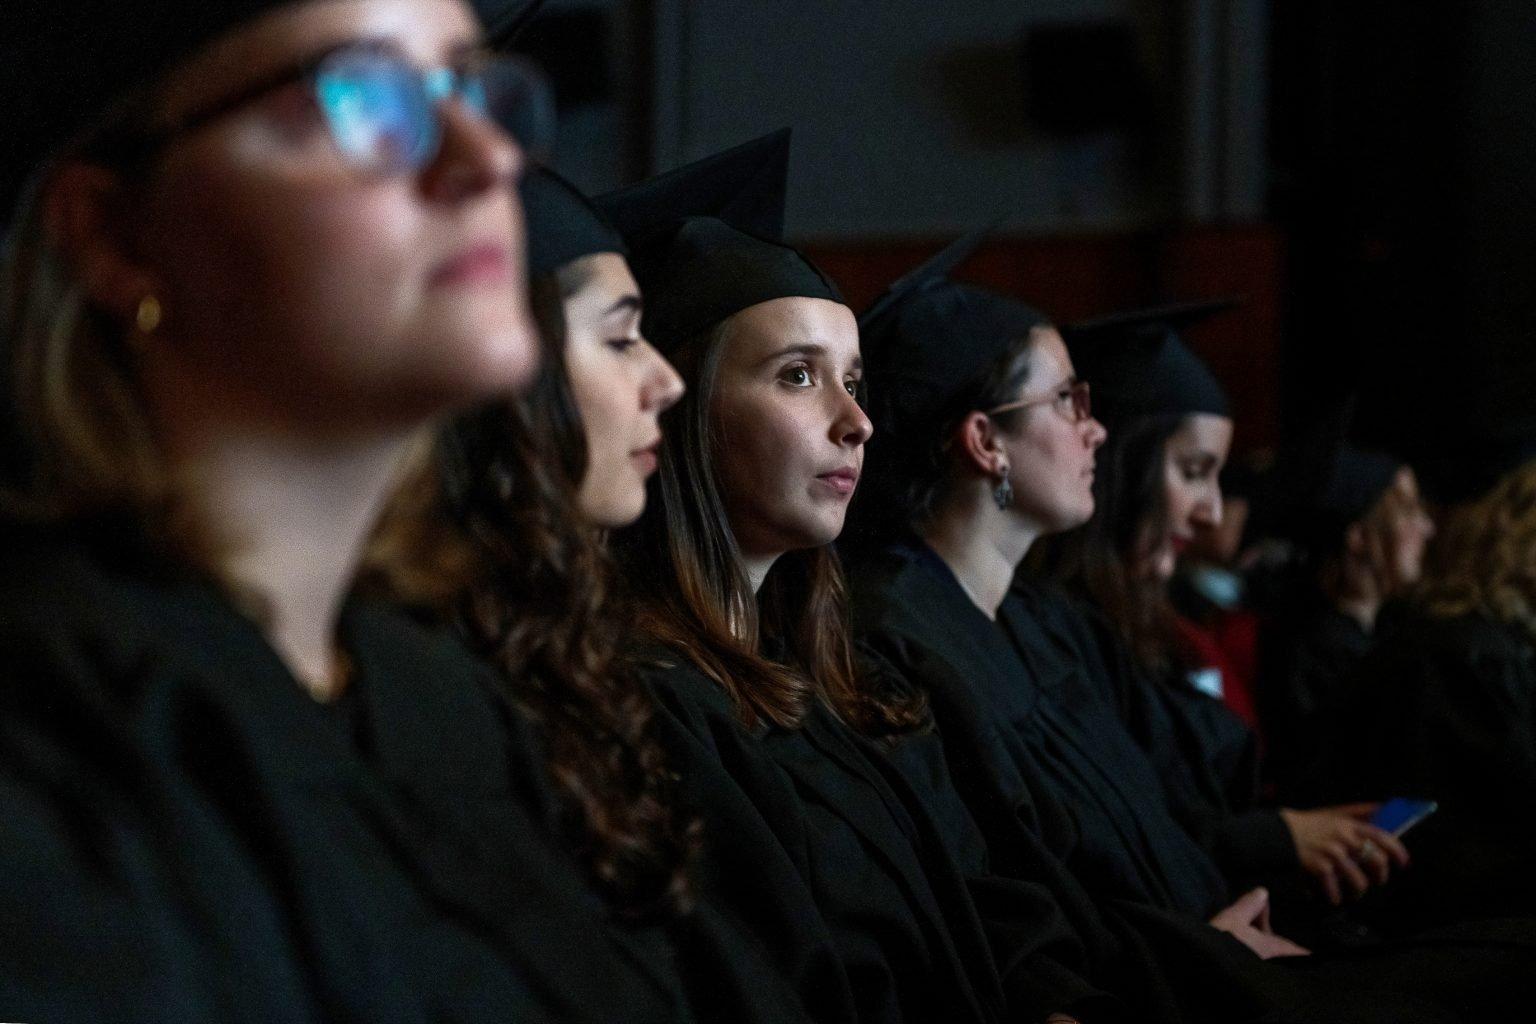 Détail des diplômés, remise de diplômes de la proclamation 2018-2019 de la FUCaM, par Aurore Delsoir Photographe Corporate